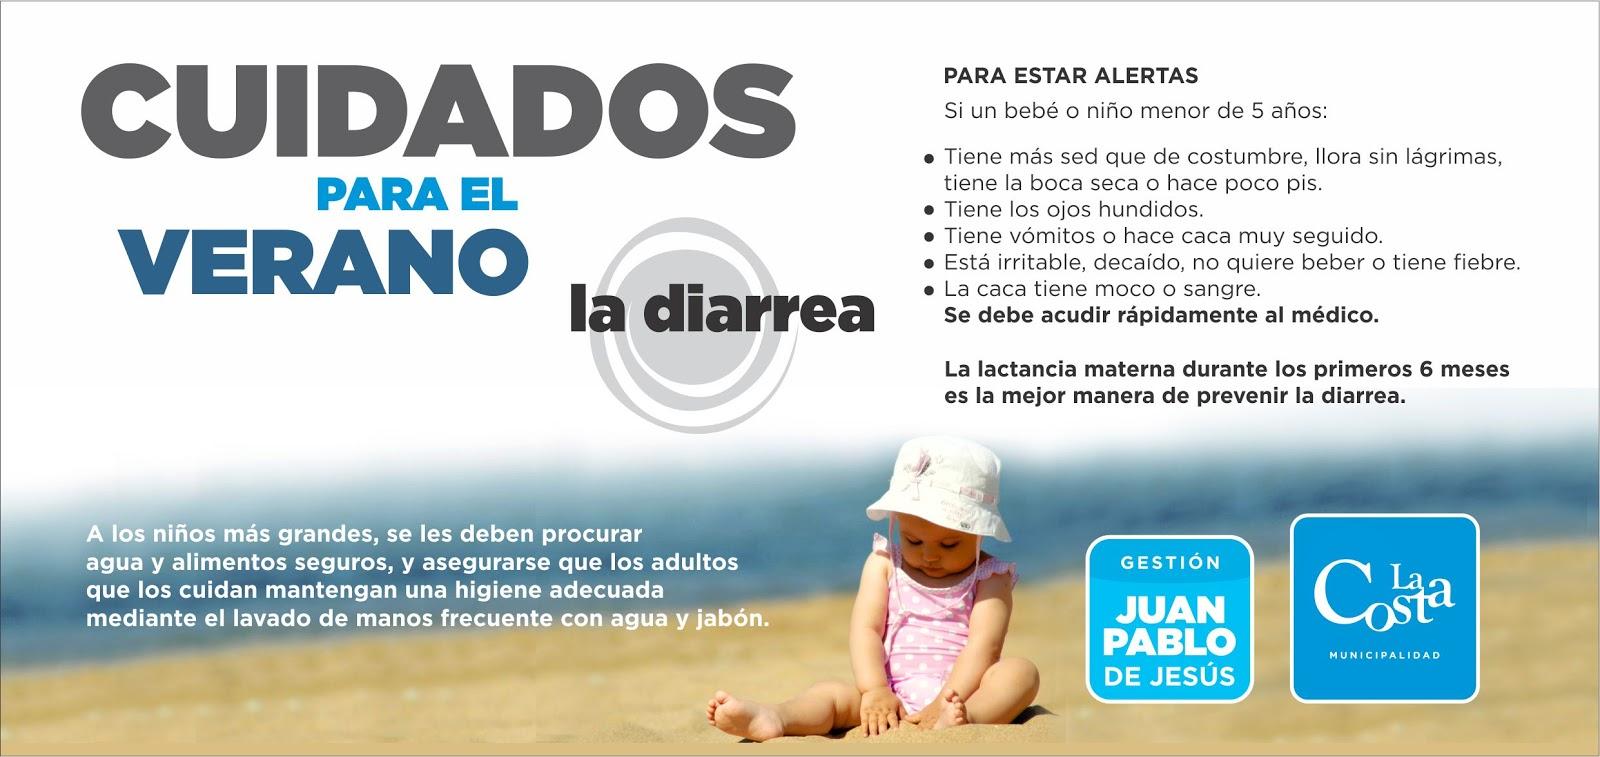 Cuidados del verano la diarrea en ni os municipalidad de la costa - Alimentos para evitar la diarrea ...